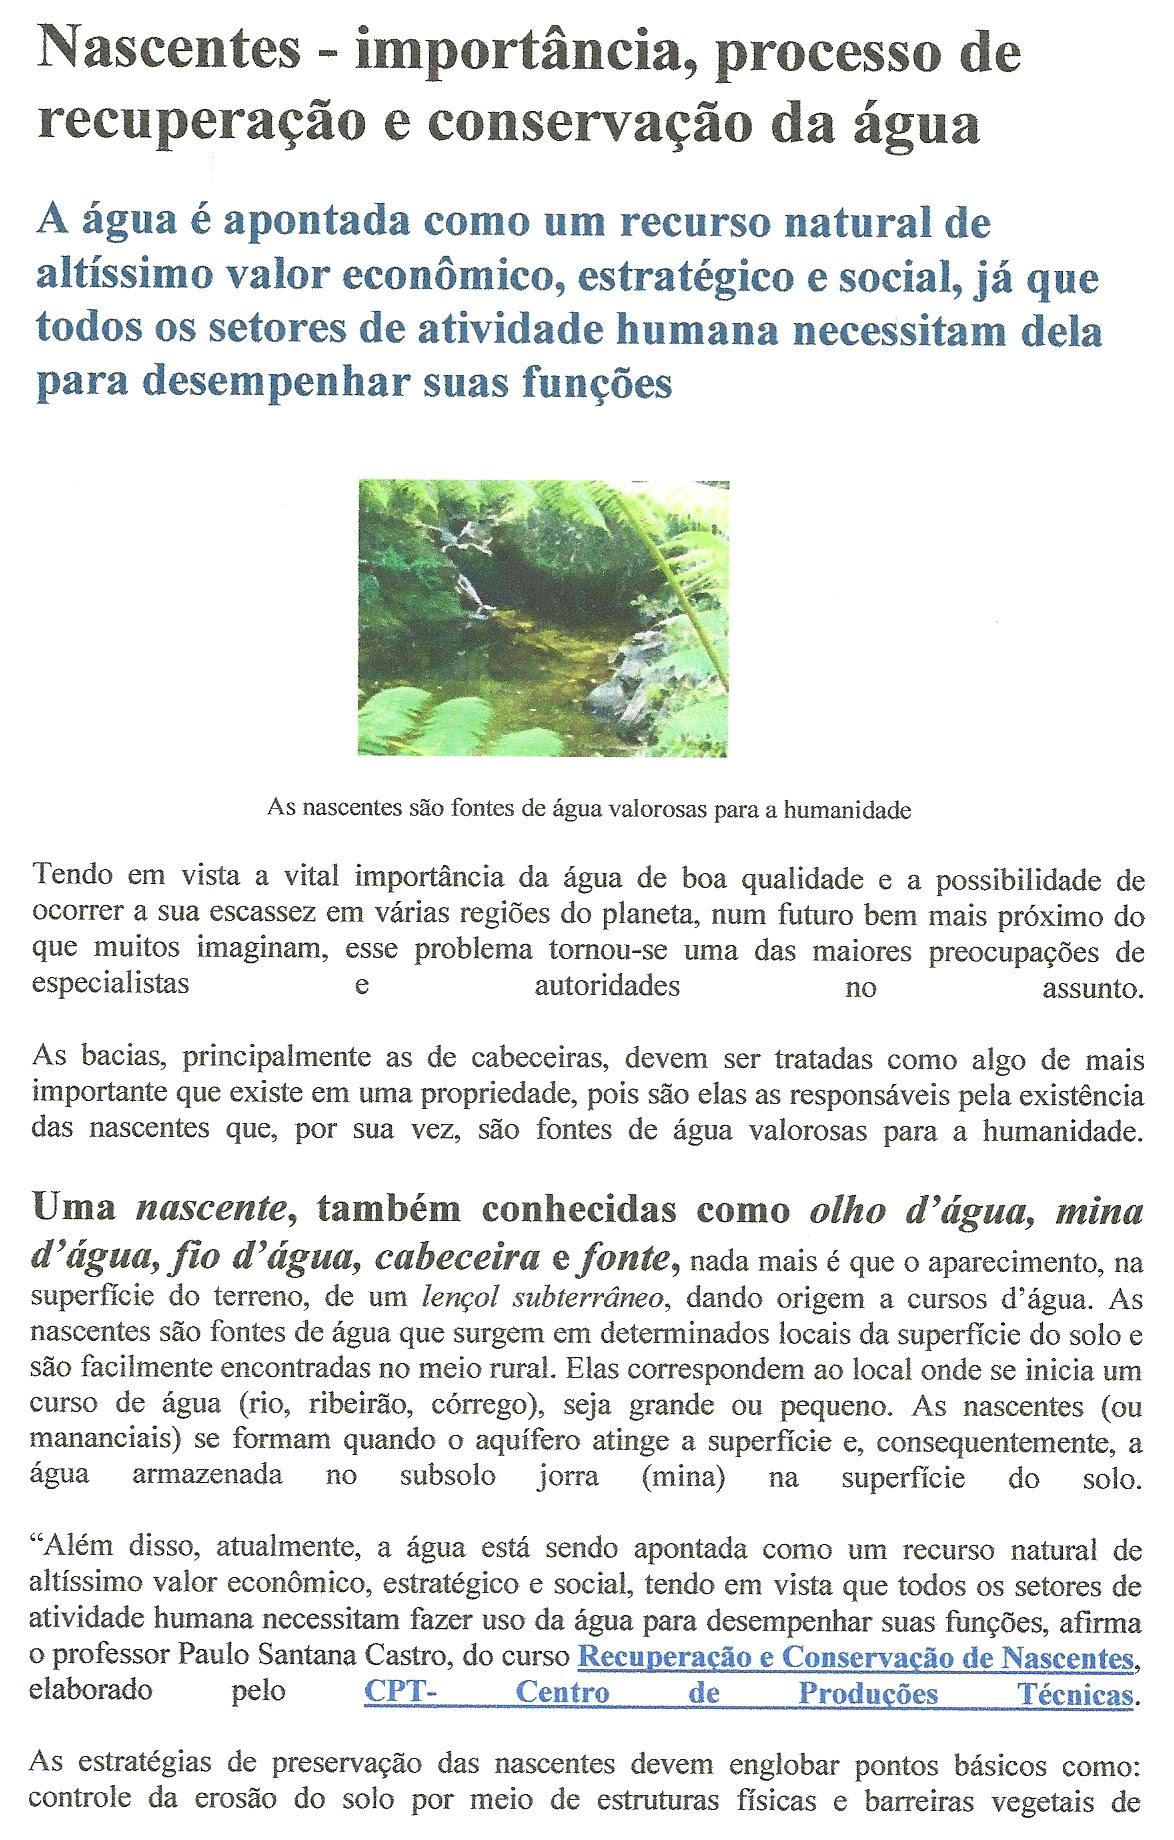 Nascentes A Importância Da Preservação Associação De Moradores